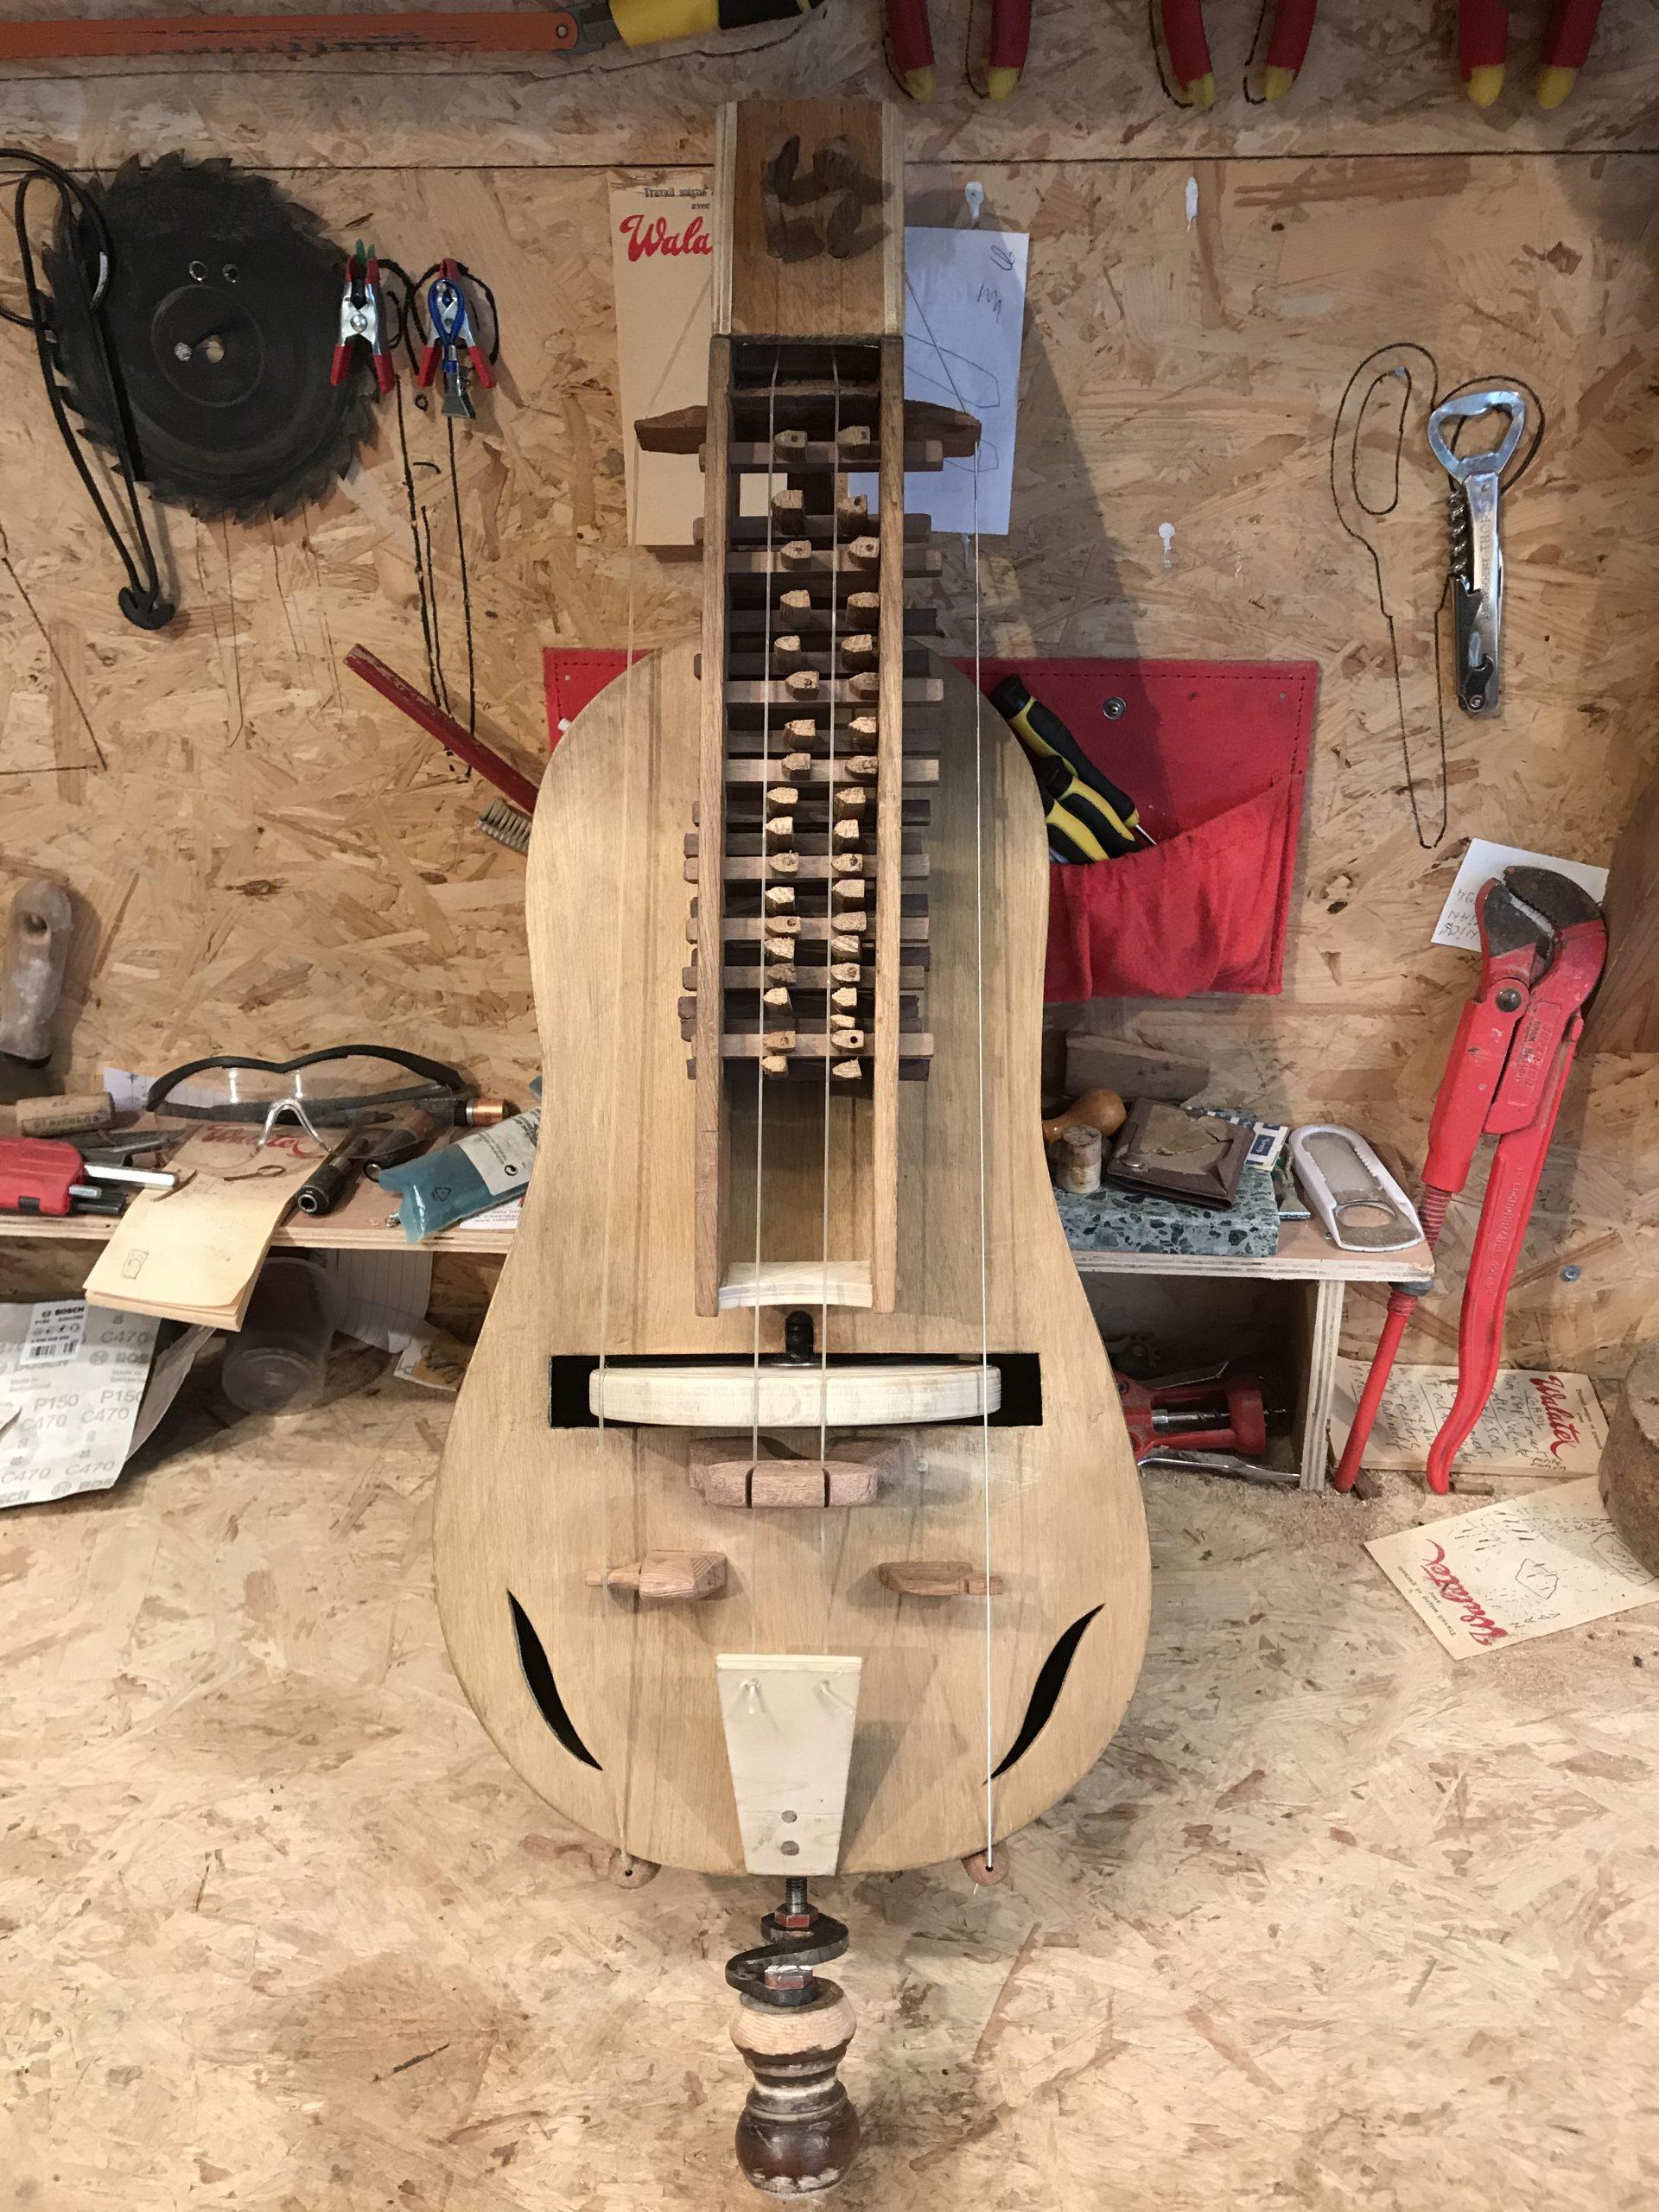 La Vielle à roue : dernière née de l'instrumentarium